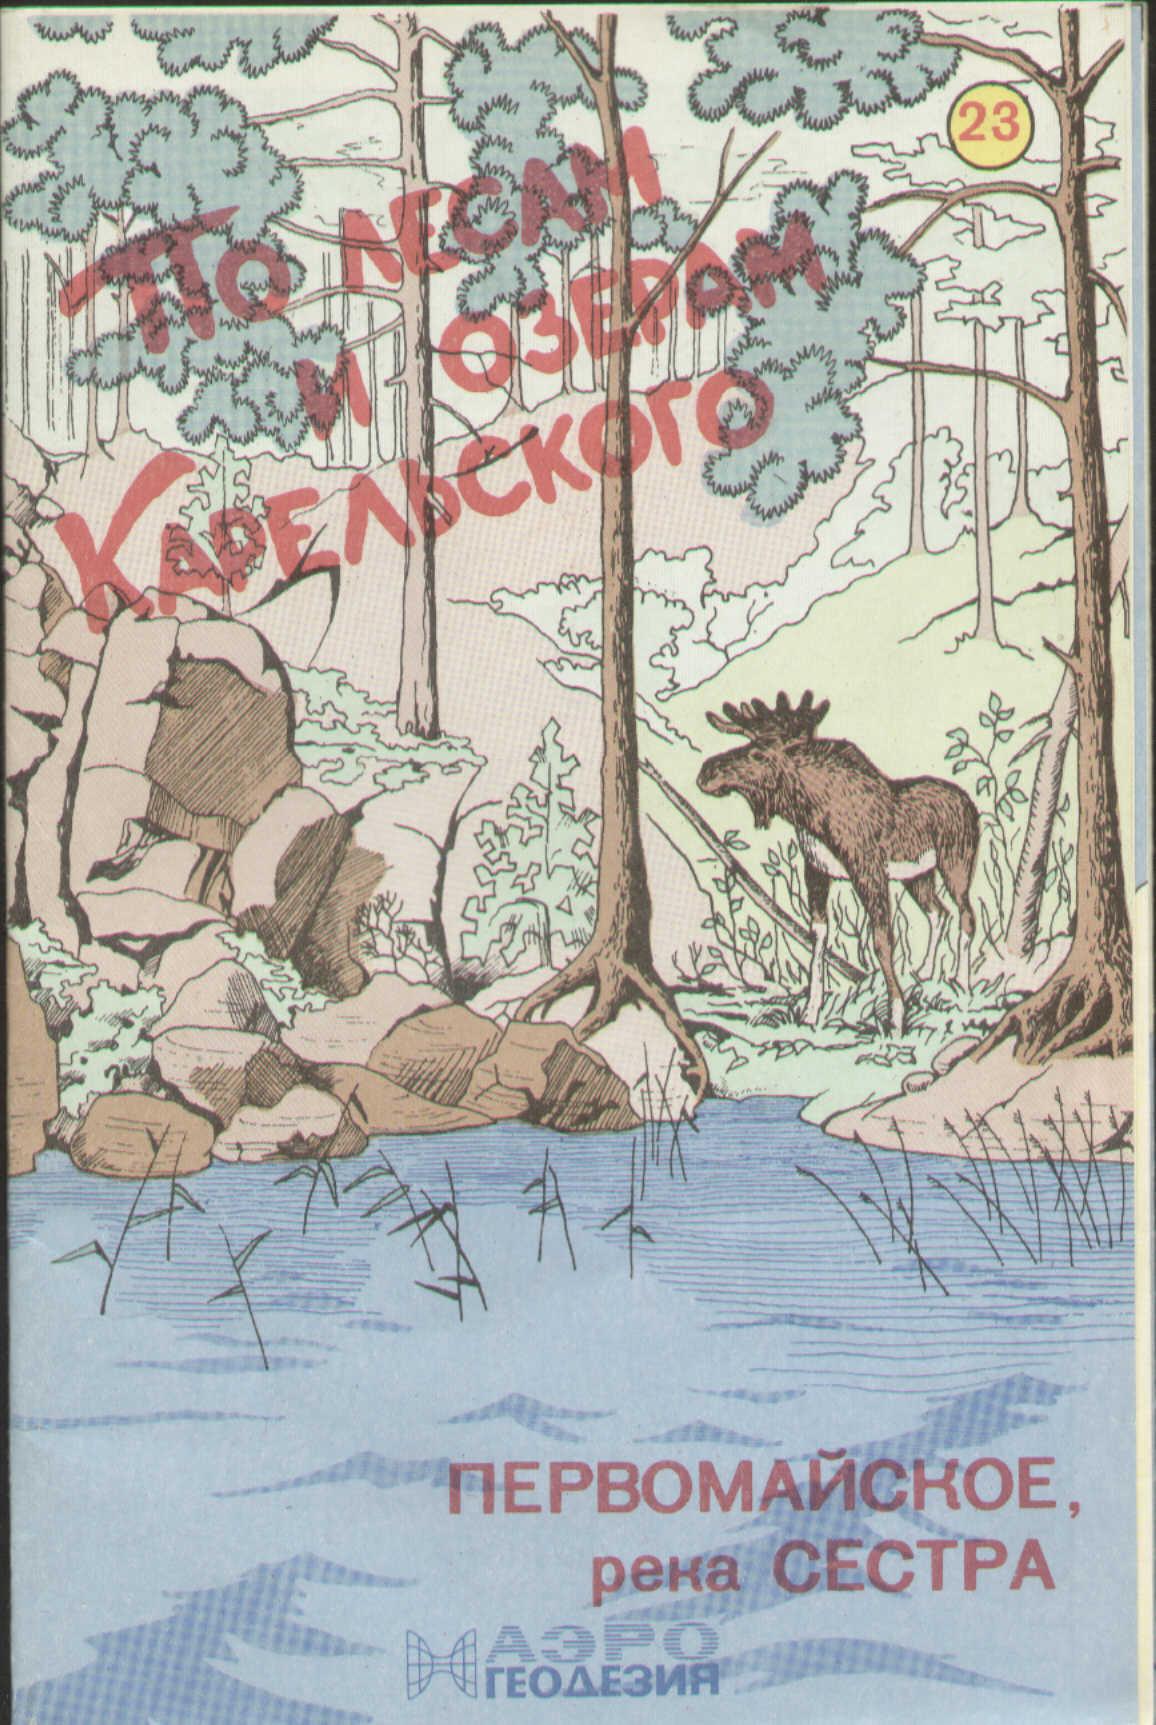 Карты по лесам и озерам Карельского перешейка